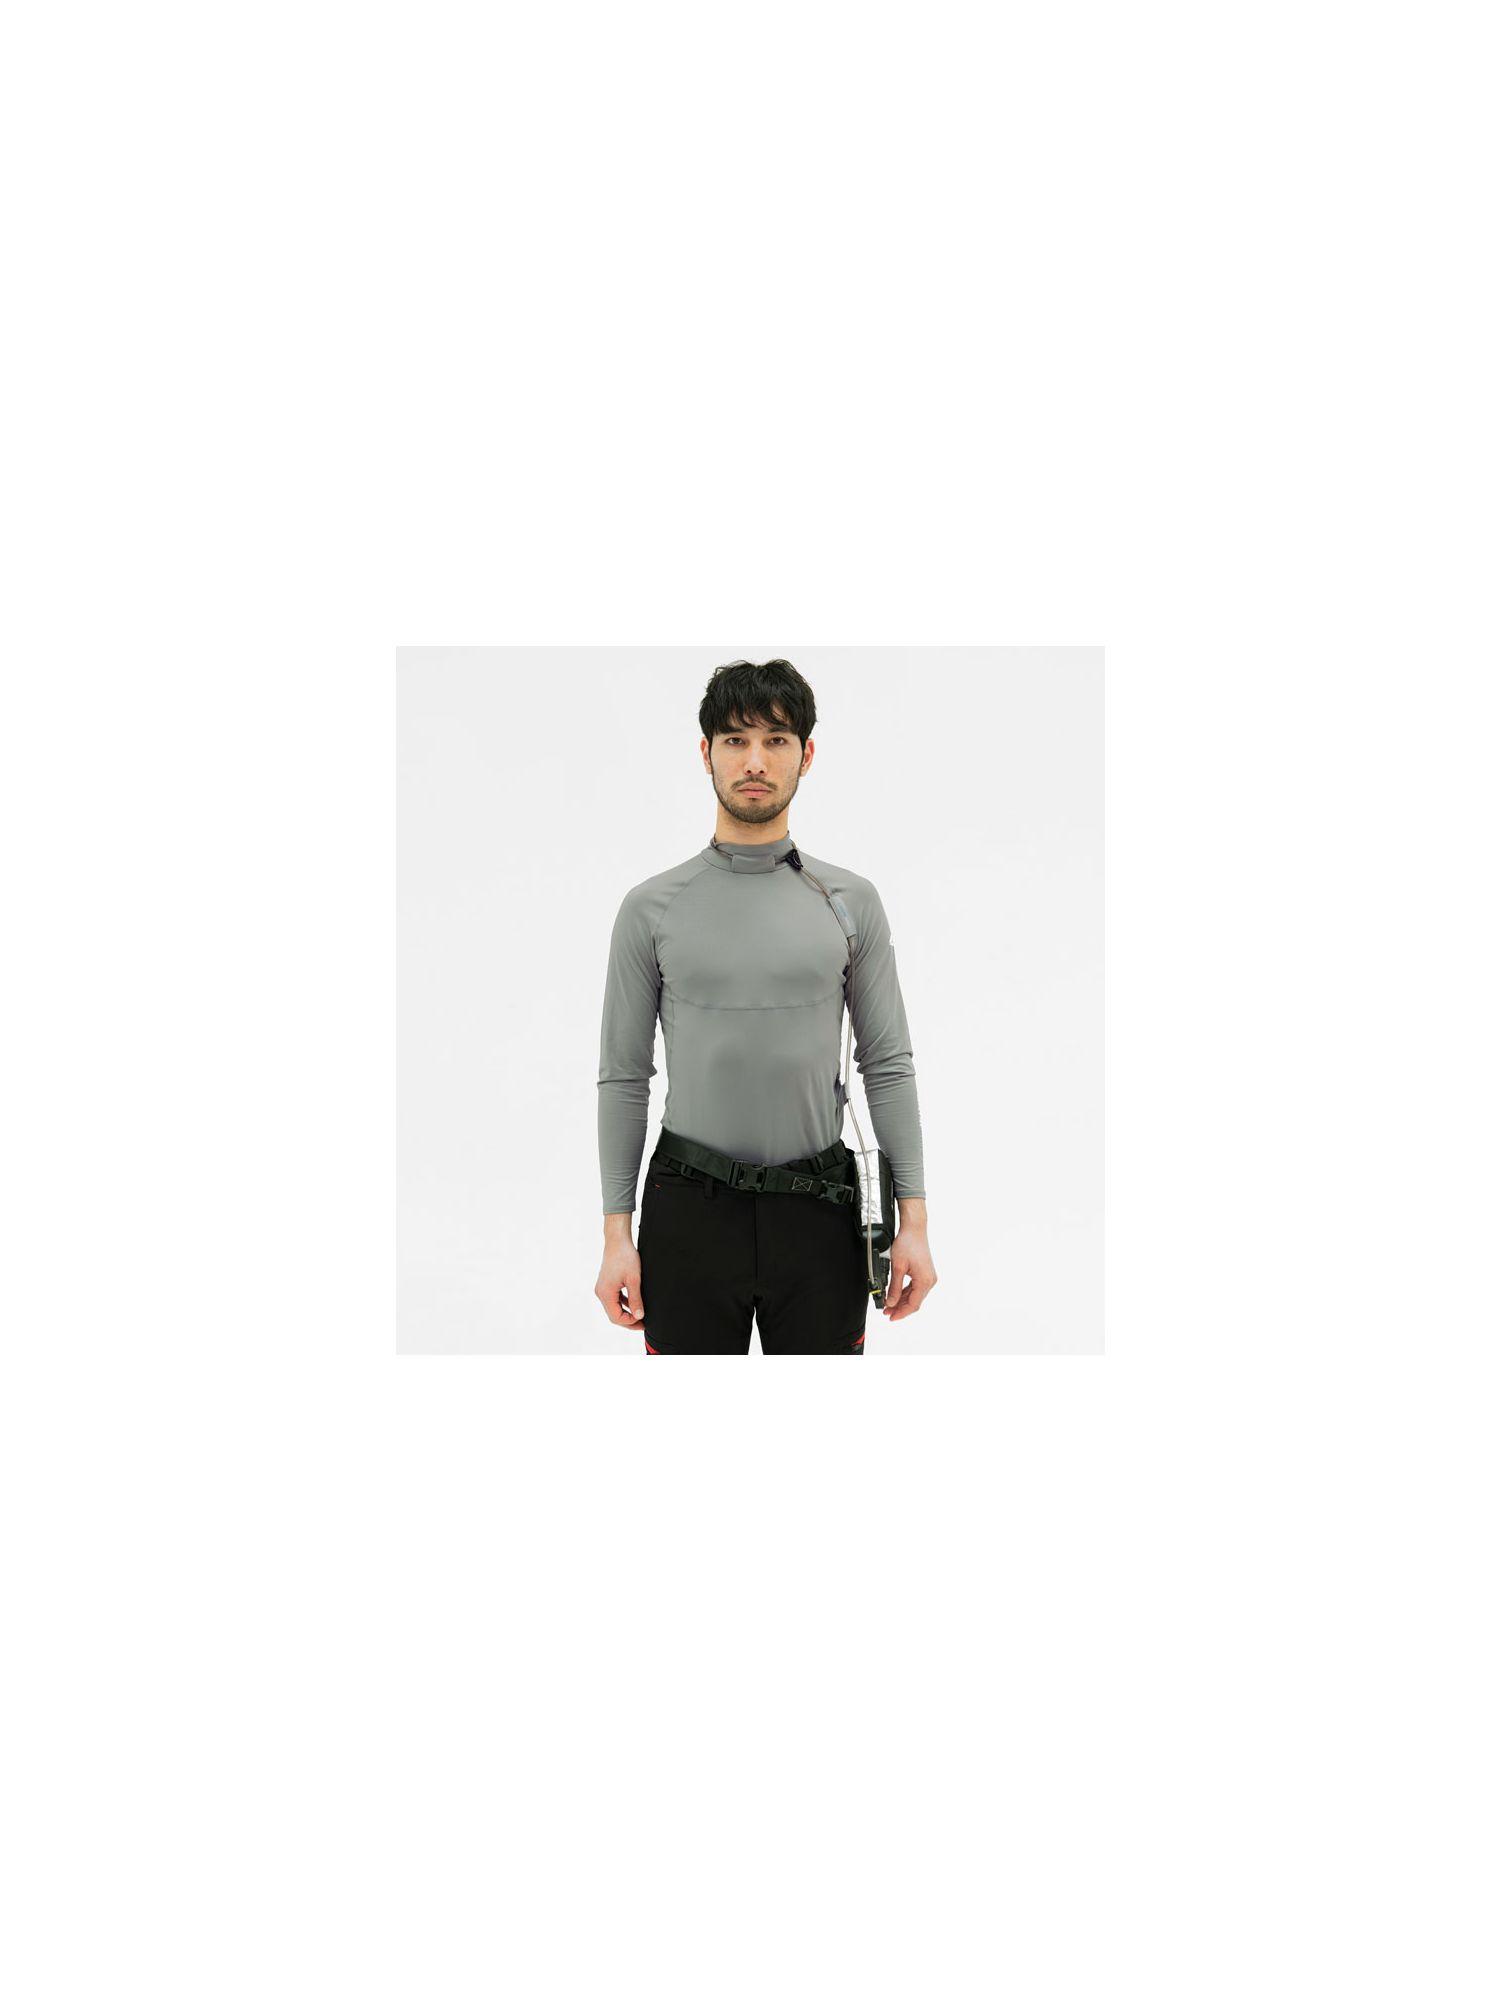 RSU500 | リキッドウインド アンダーシャツ[1color]